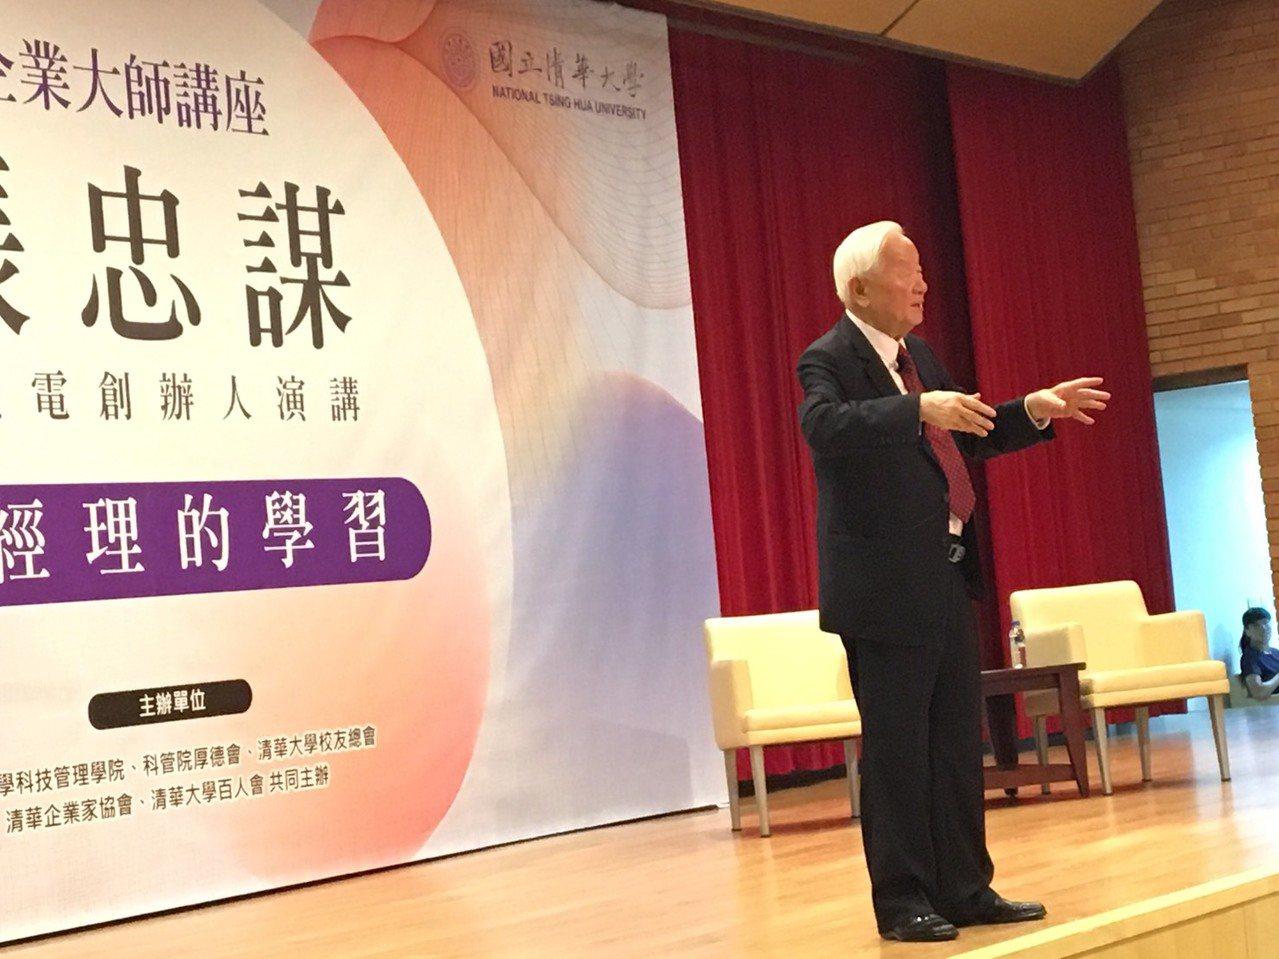 台積電創辦人張忠謀赴清大演講「總經理的學習」。記者李孟珊/攝影